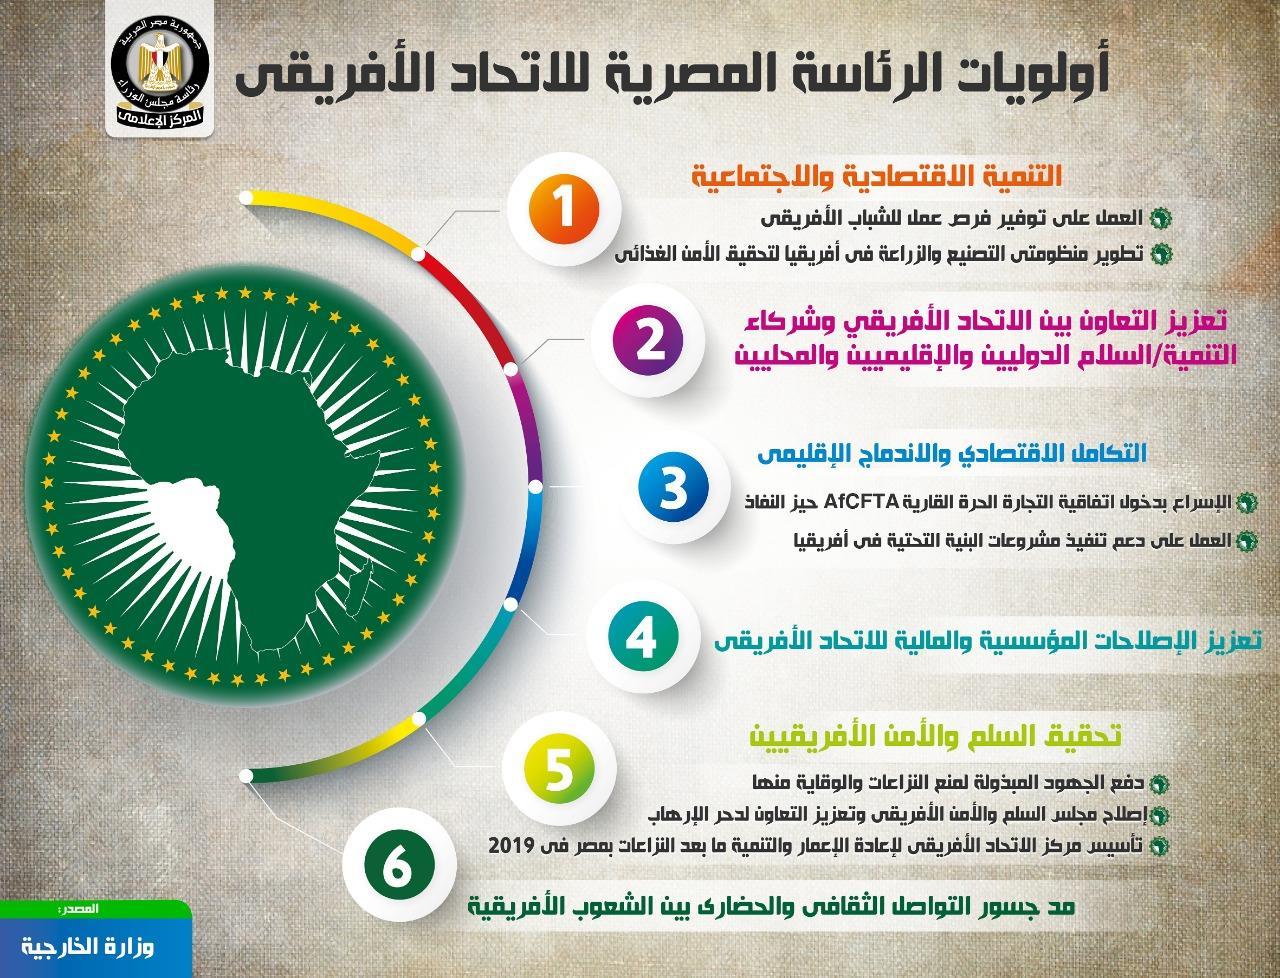 المركز الإعلامي لمجلس الوزراء يسلط الضوء على رئاسة مصر للاتحاد الأفريقي